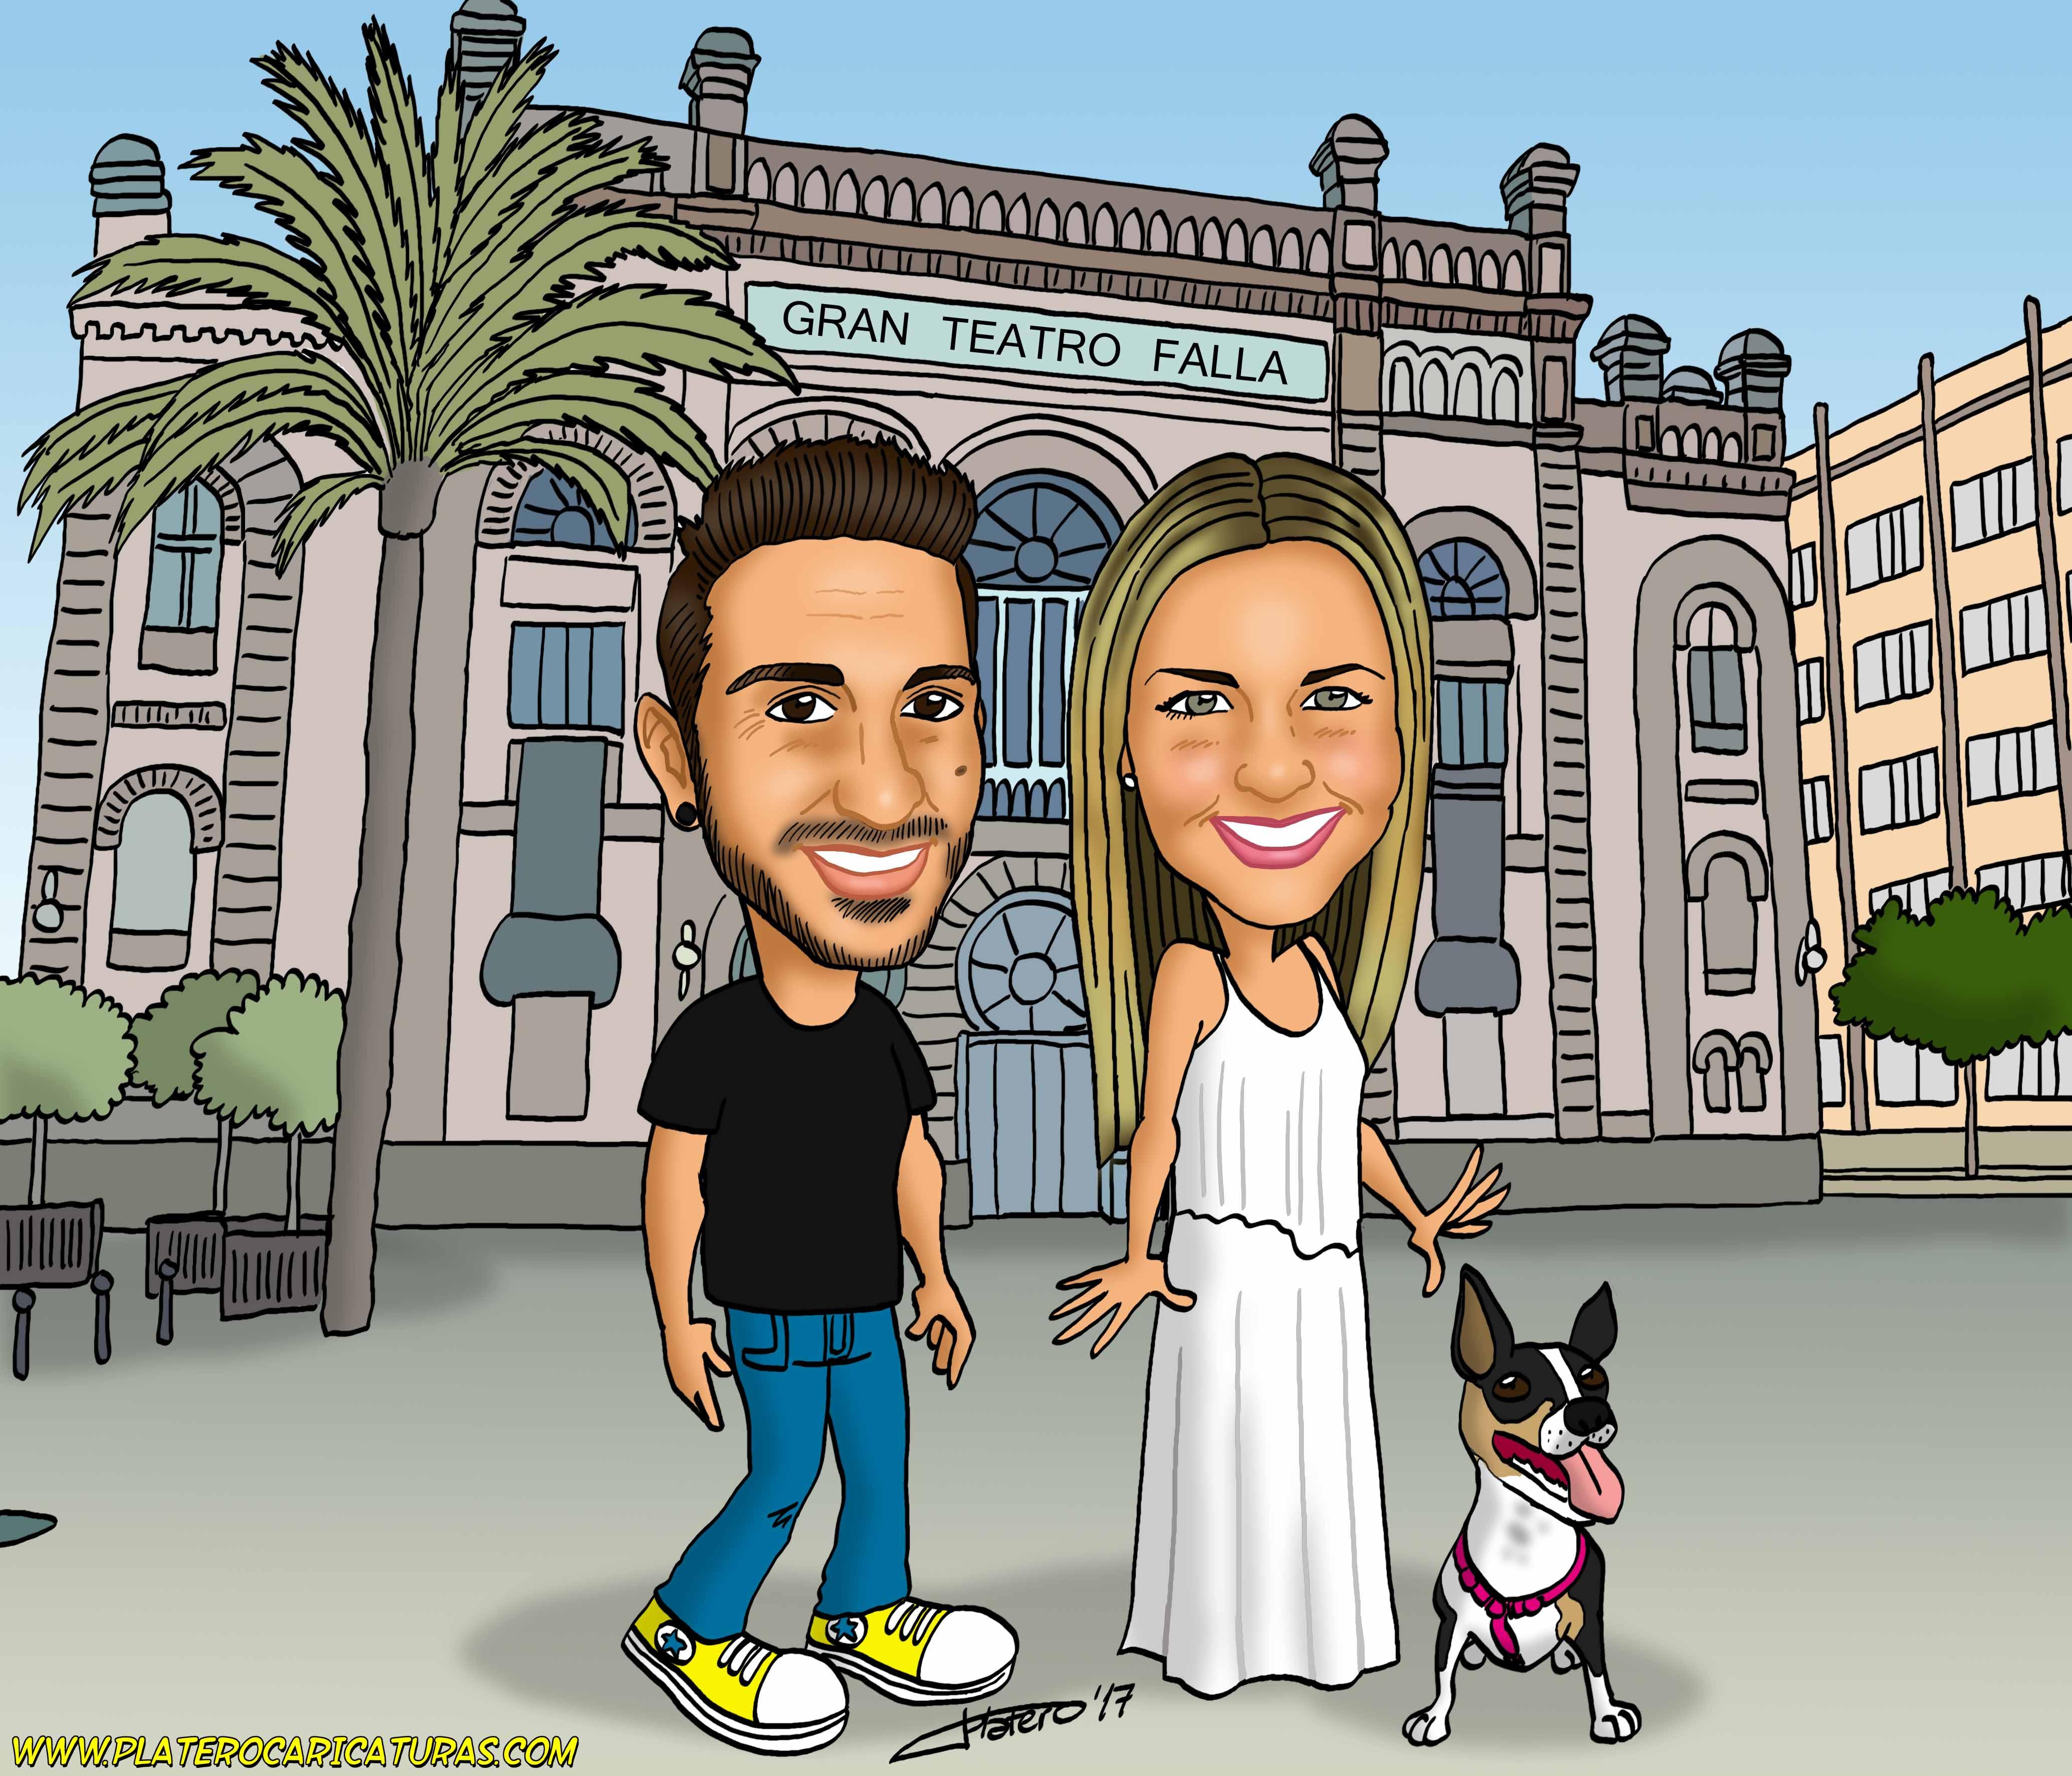 caricaturas_a_color_por_encargo_personalizadas_pareja_con_perro_teatro_cadiz_platerocaricaturas_elmu